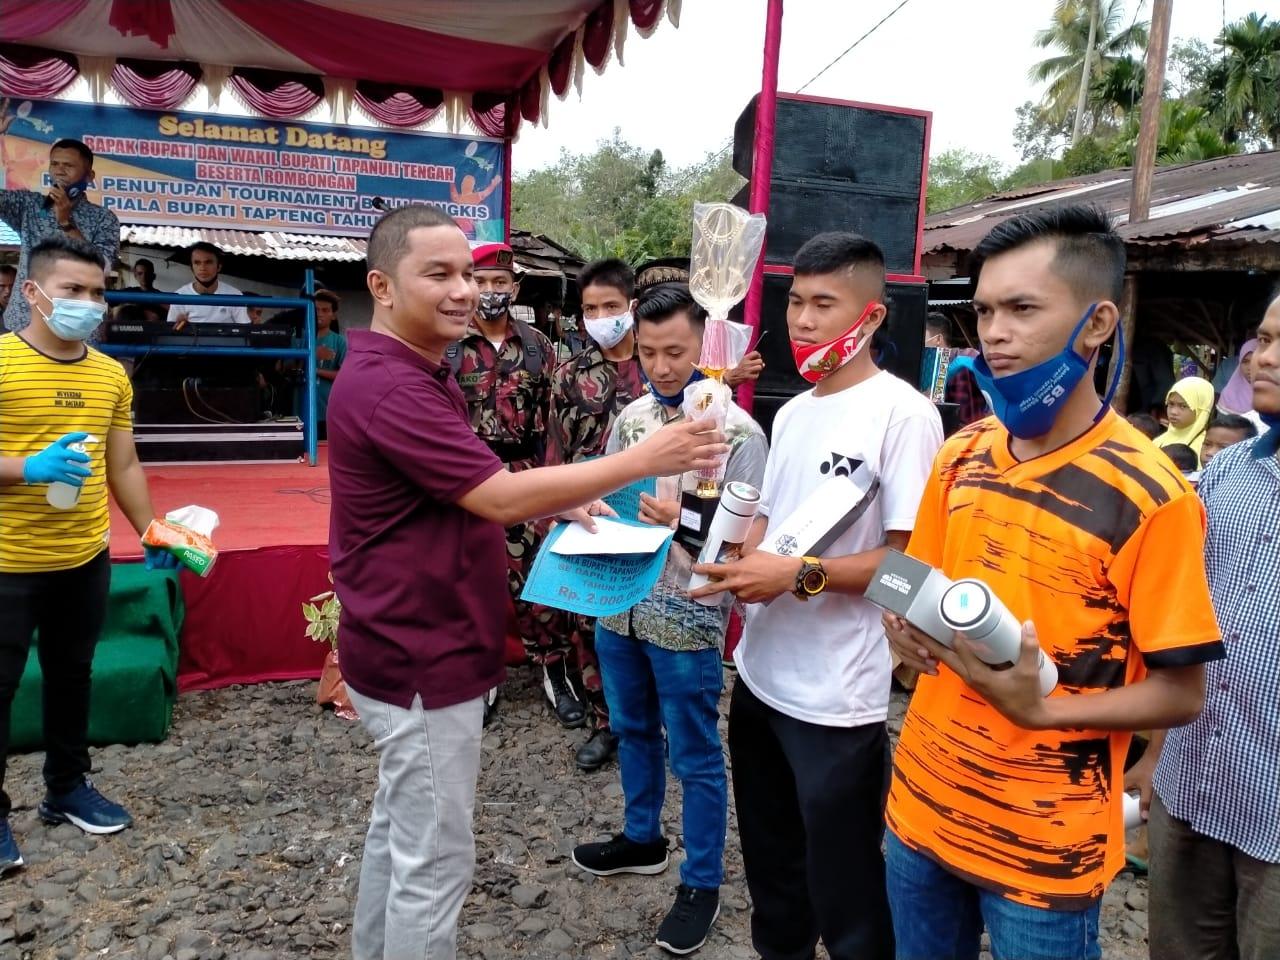 Bupati Tapanuli Tengah, Bakhtiar Ahmad Sibarani saat menyerahkan hadiah Kepada para pemenang. Foto: istimewa